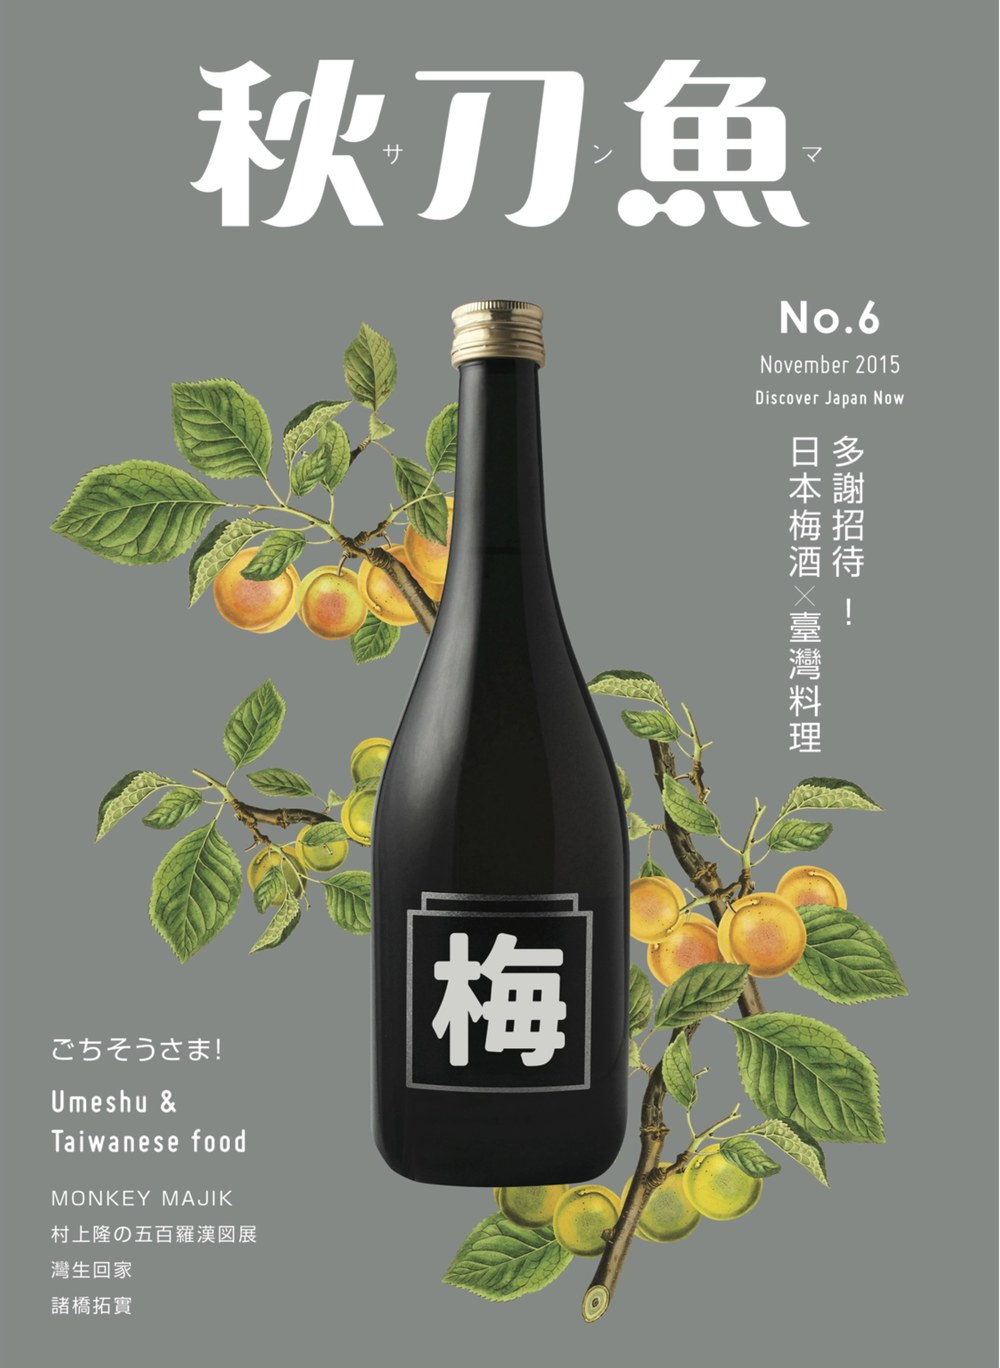 2015年11月號  第6期    〈多謝招待  !日本梅酒X臺灣料理〉